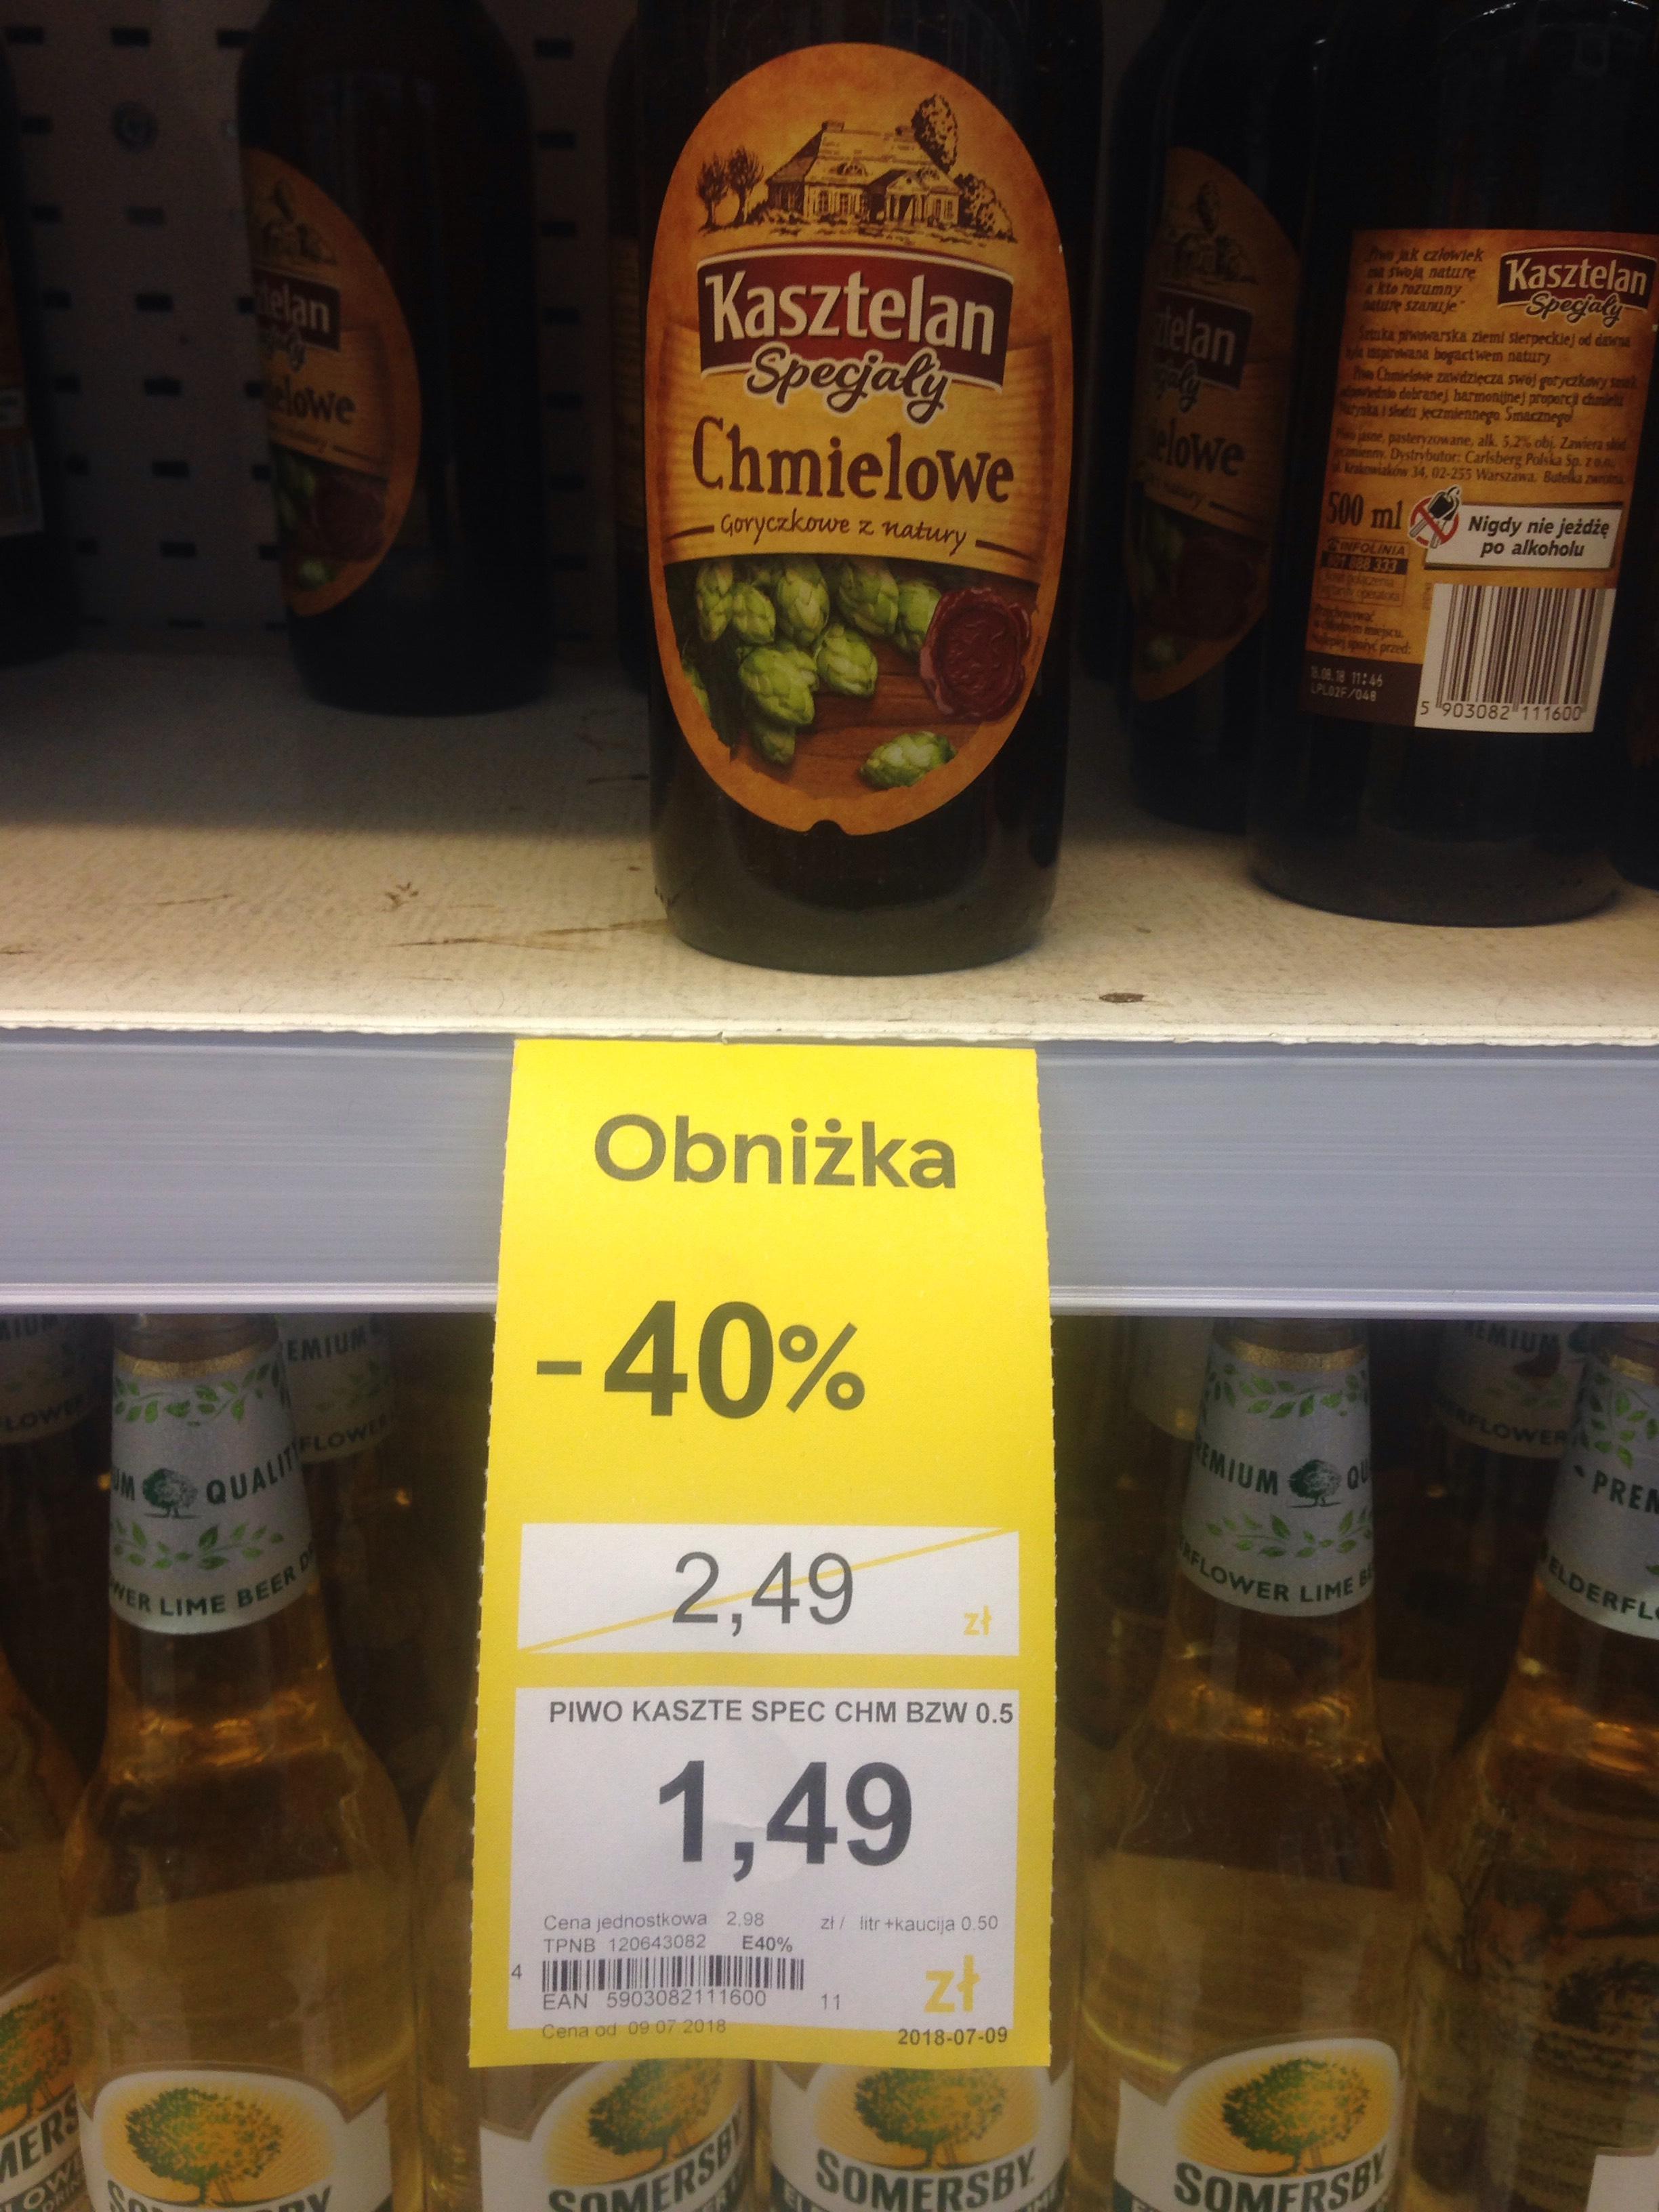 Piwo KASZTELAN Specjały Chmielowe TESCO